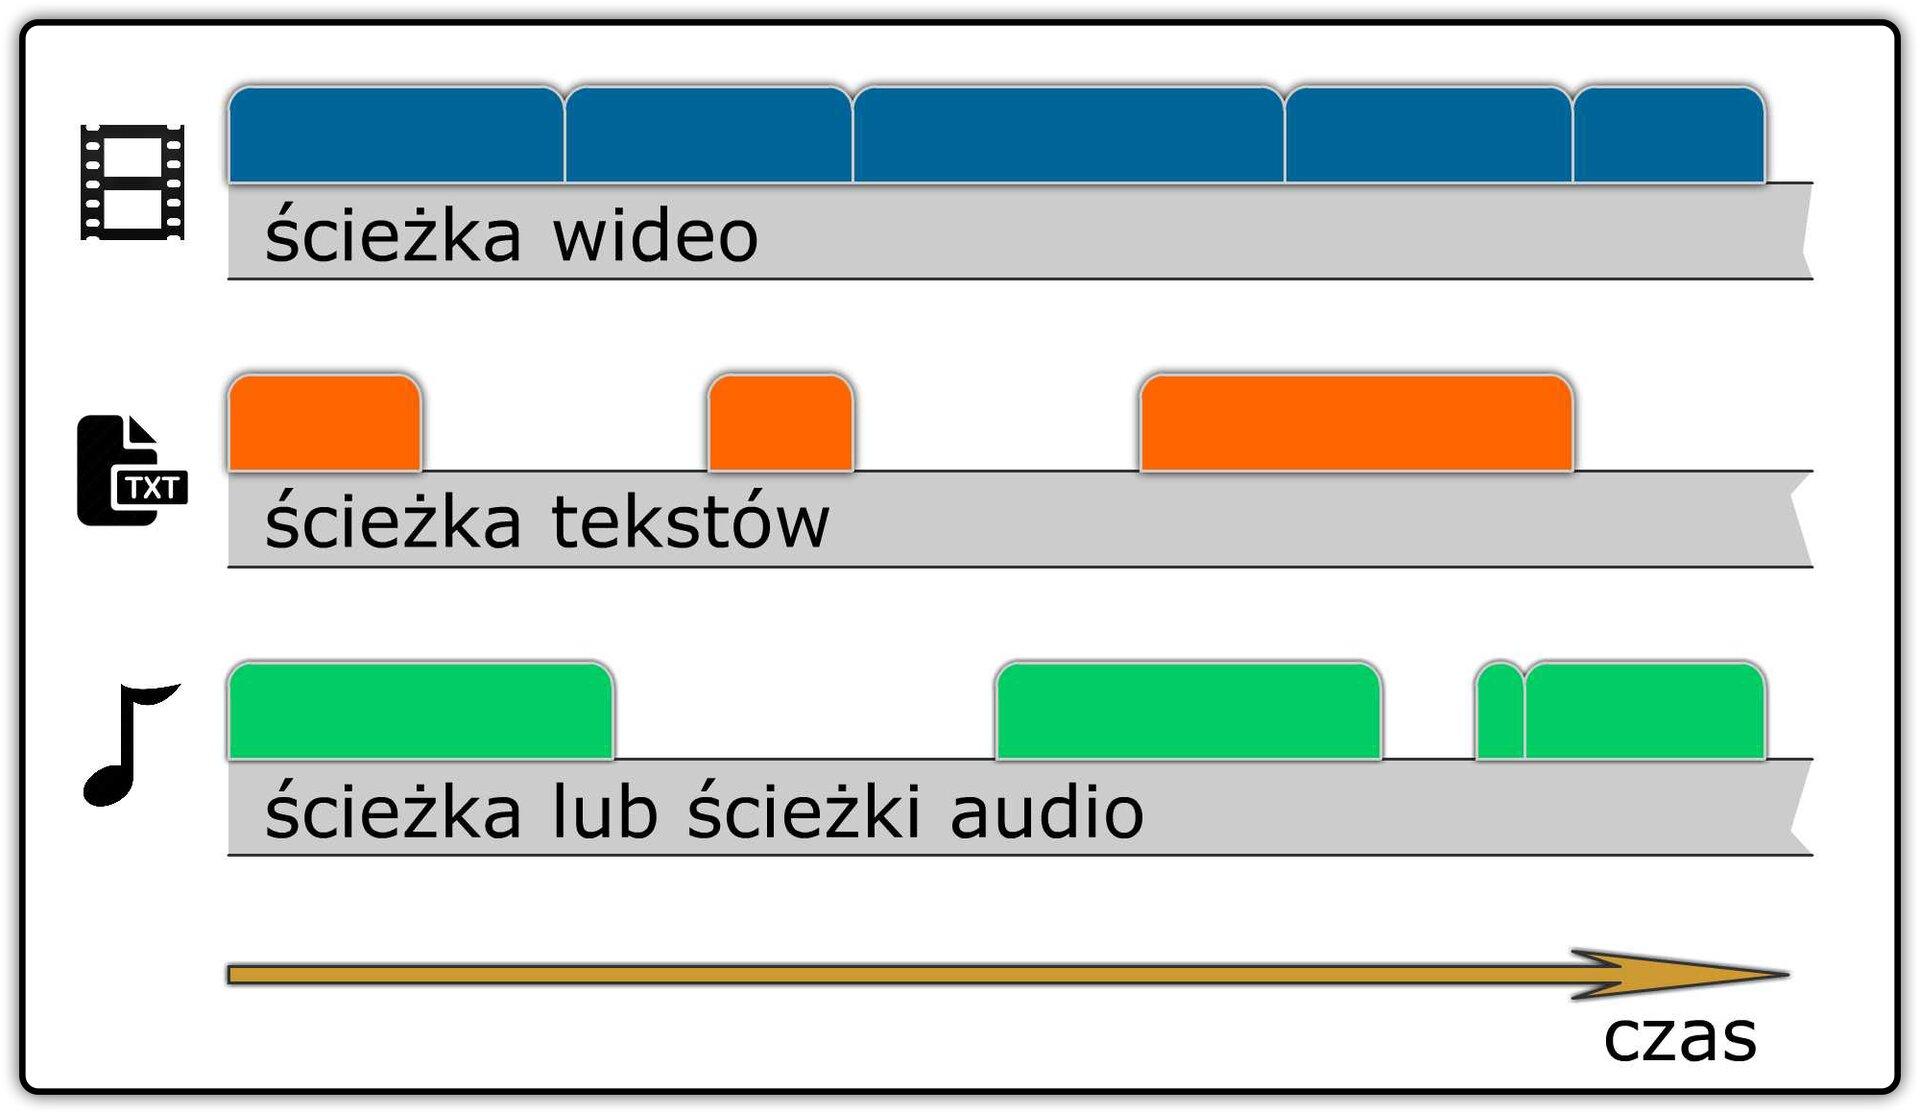 Ilustracja przedstawiająca strukturę edycyjną filmu